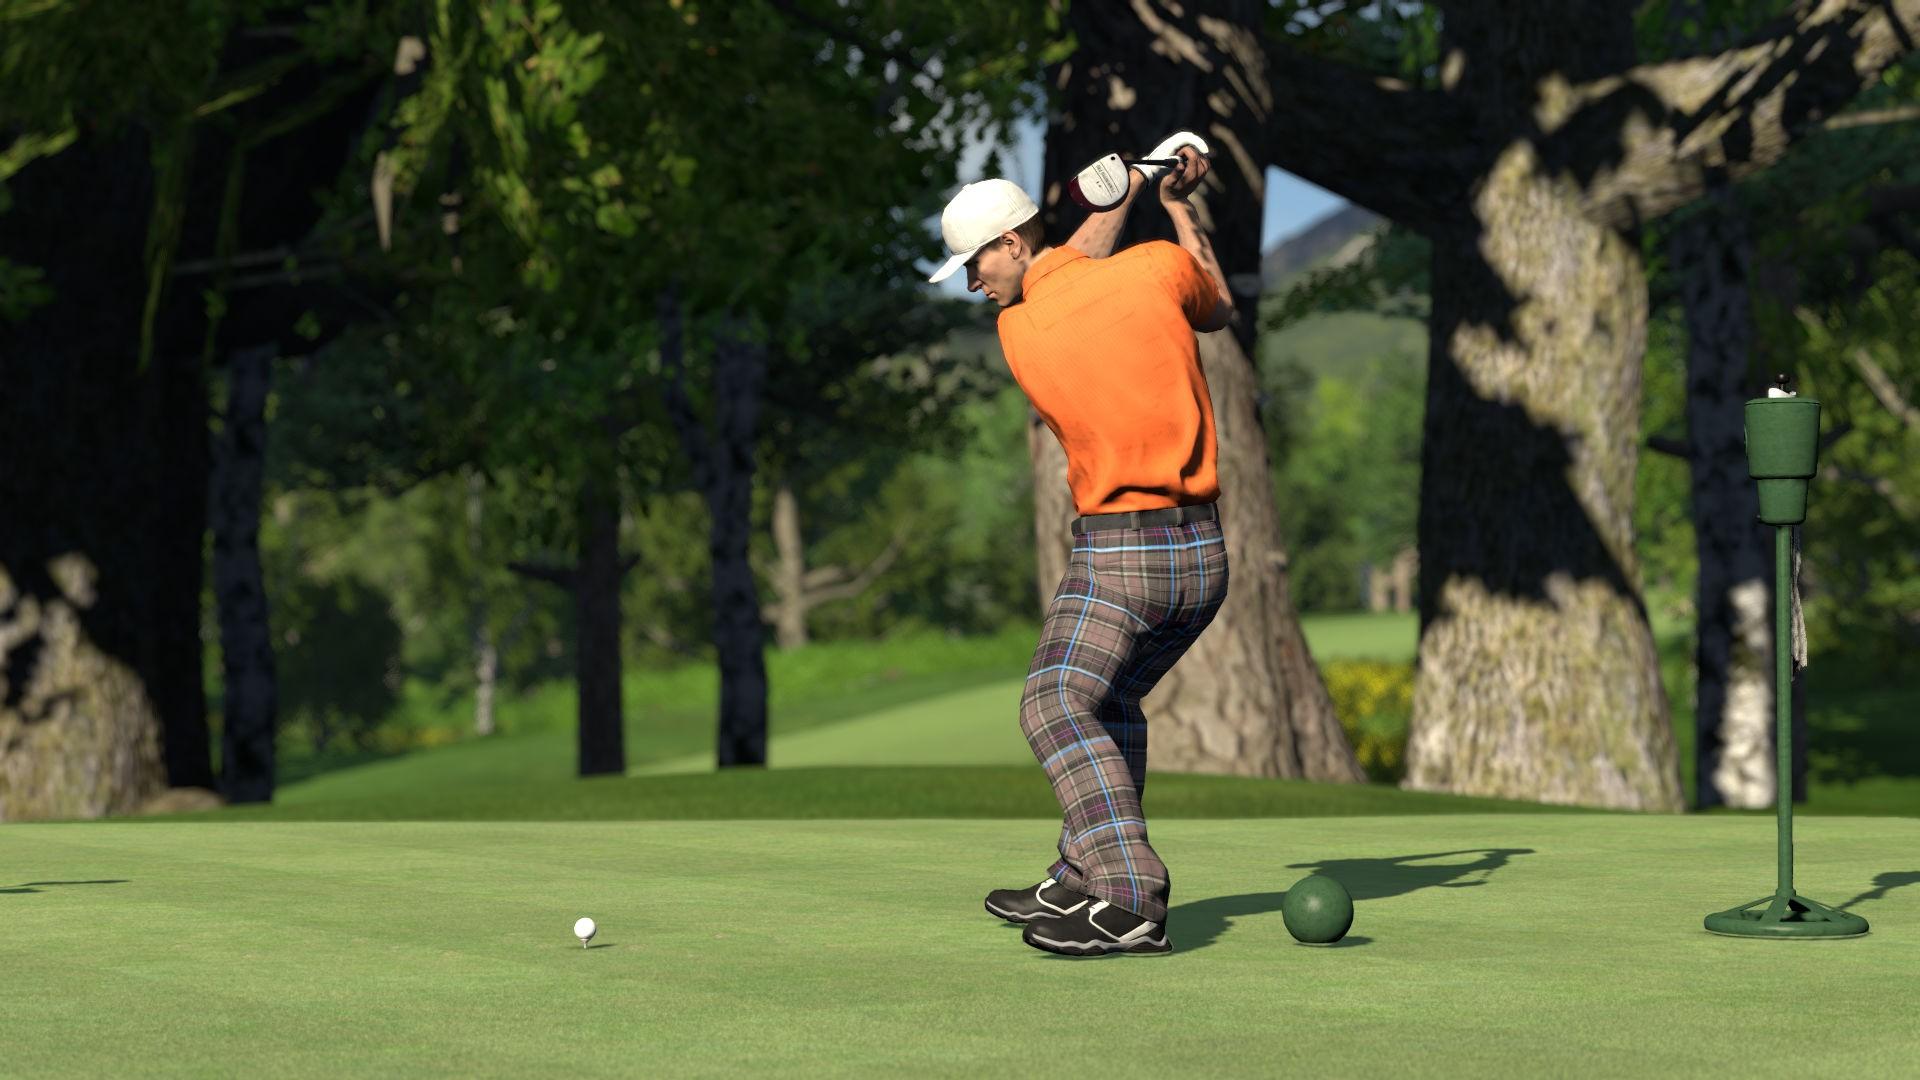 The Golf CLub 0209 5